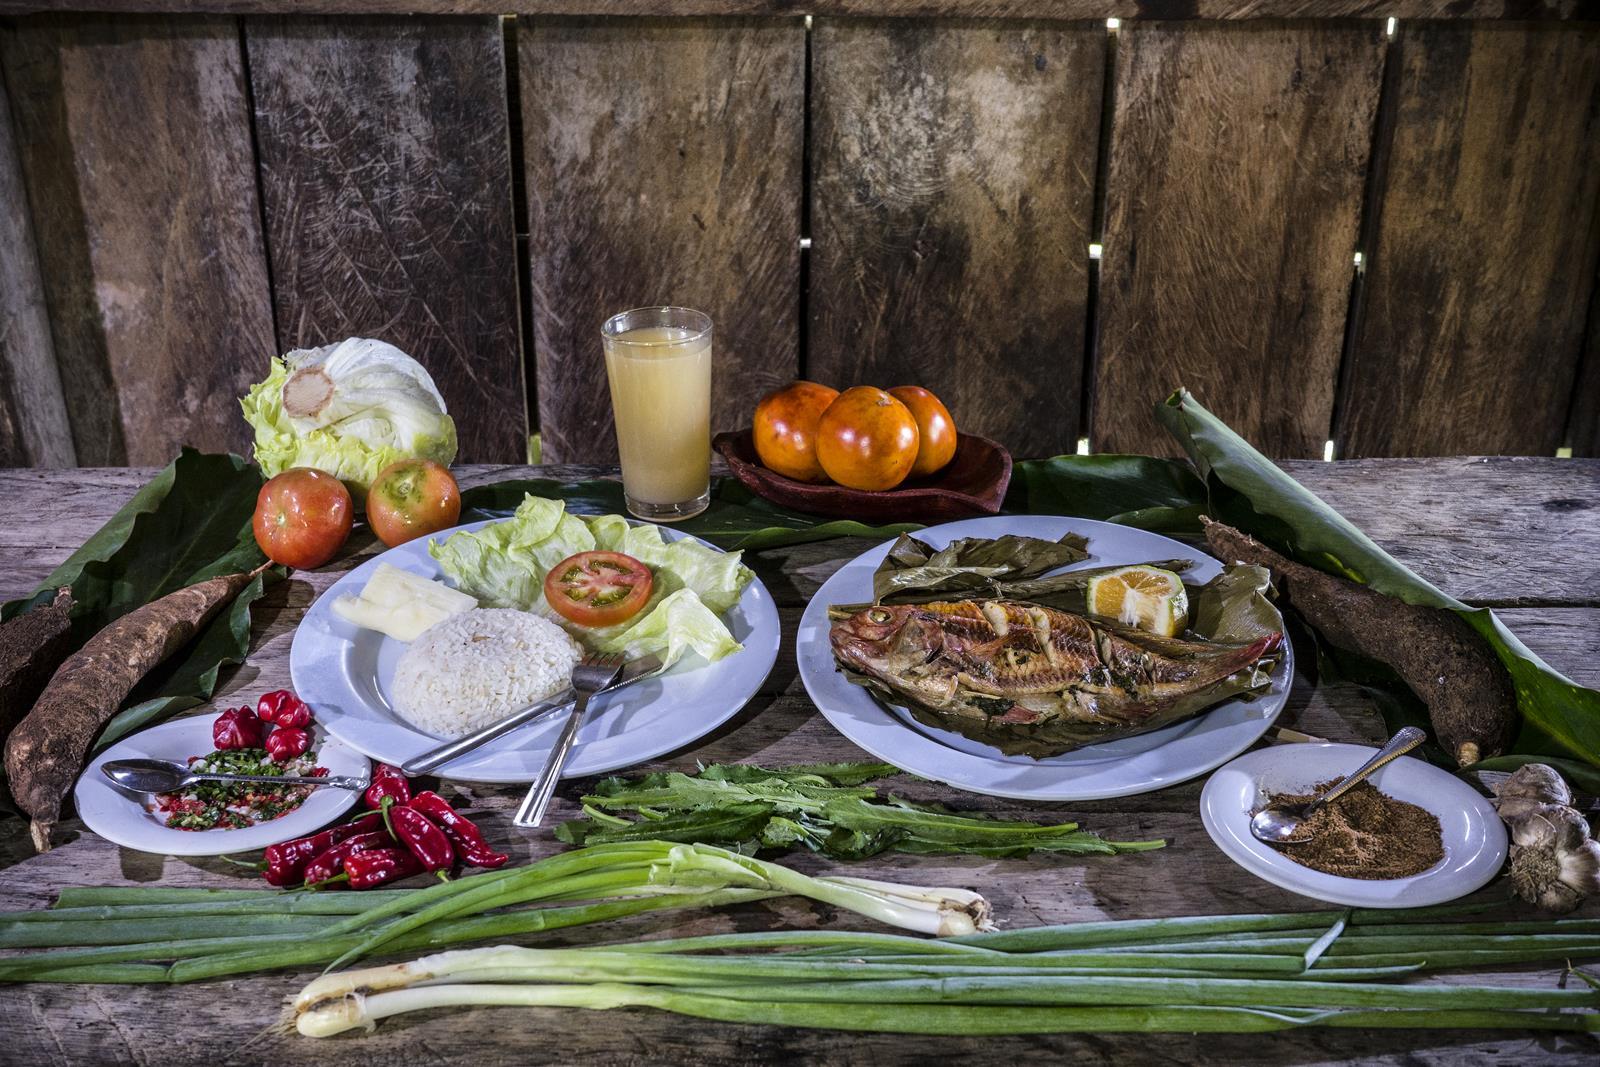 Ingredientes: Hoja de cirindango, cimarrón, cebolla larga, comino, ajo, yuca, arroz, lechuga y tomate, jugo de cocona (lulo amazónico) pescado de río.